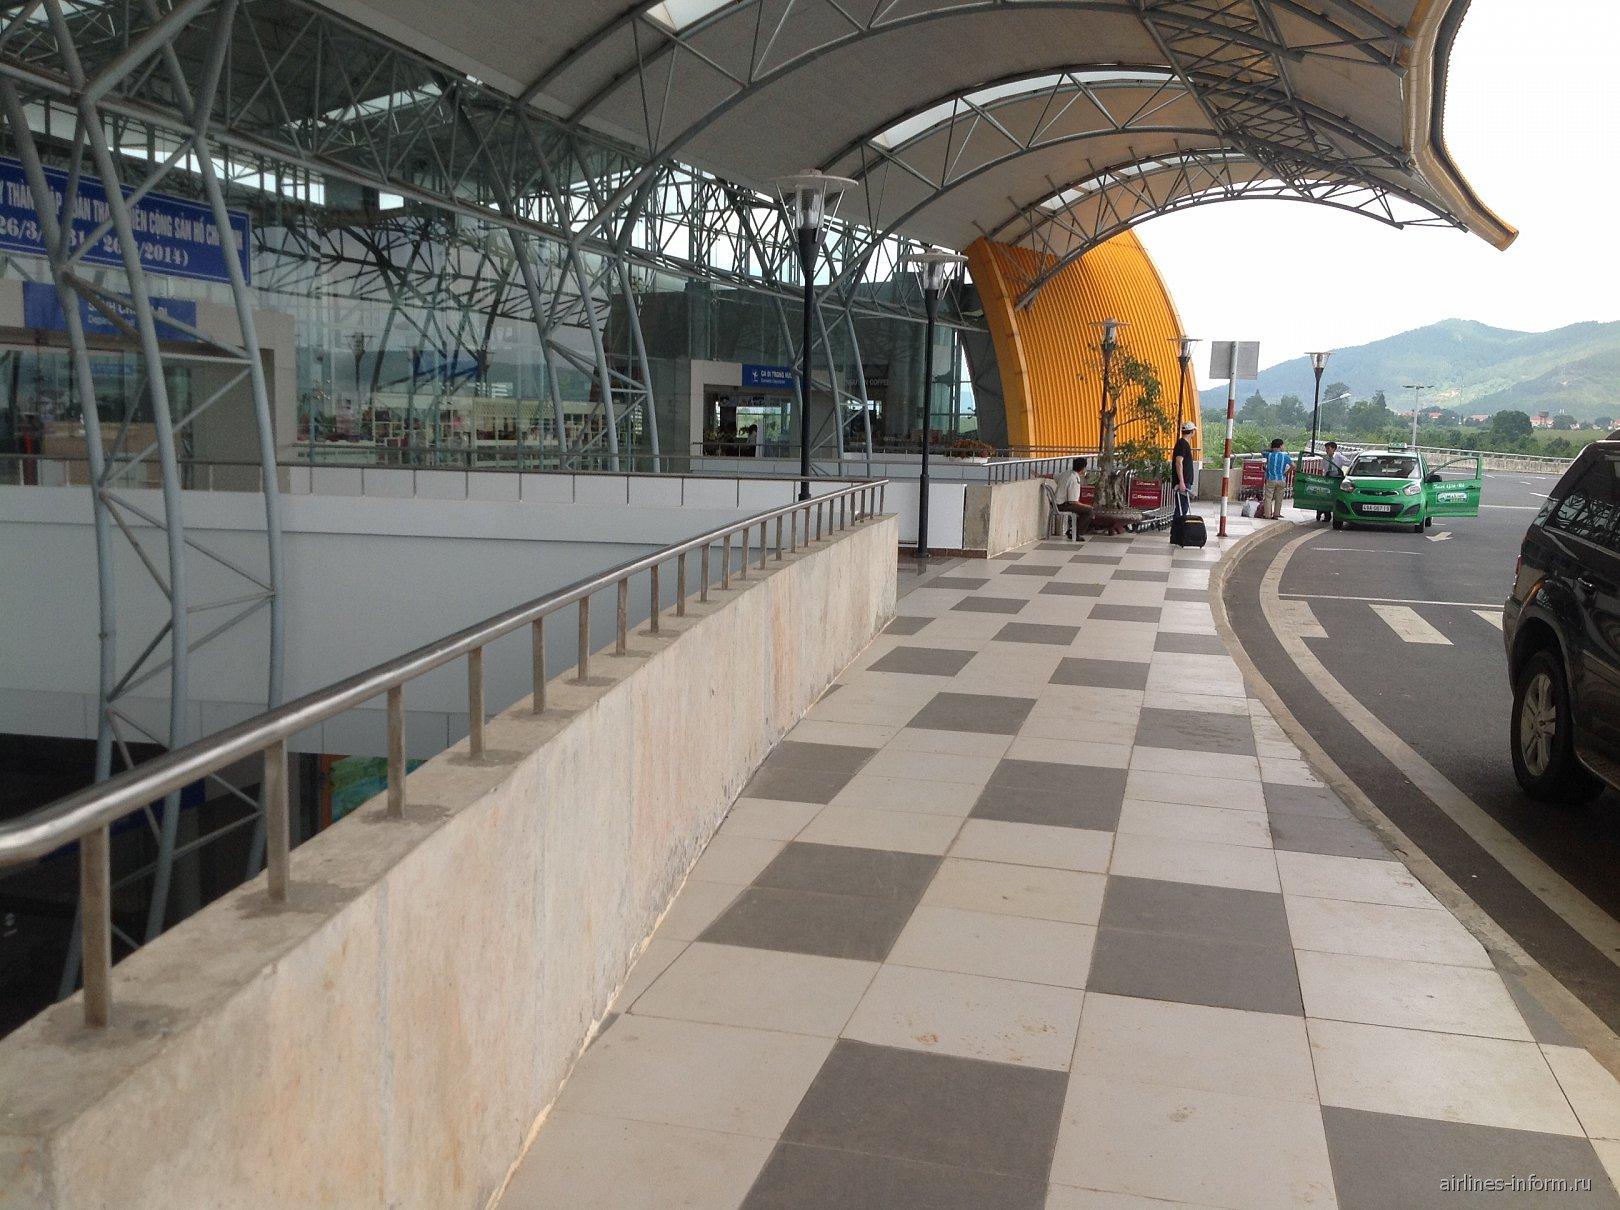 Вход в аэровокзал аэропорта Далат Льенкхыонг